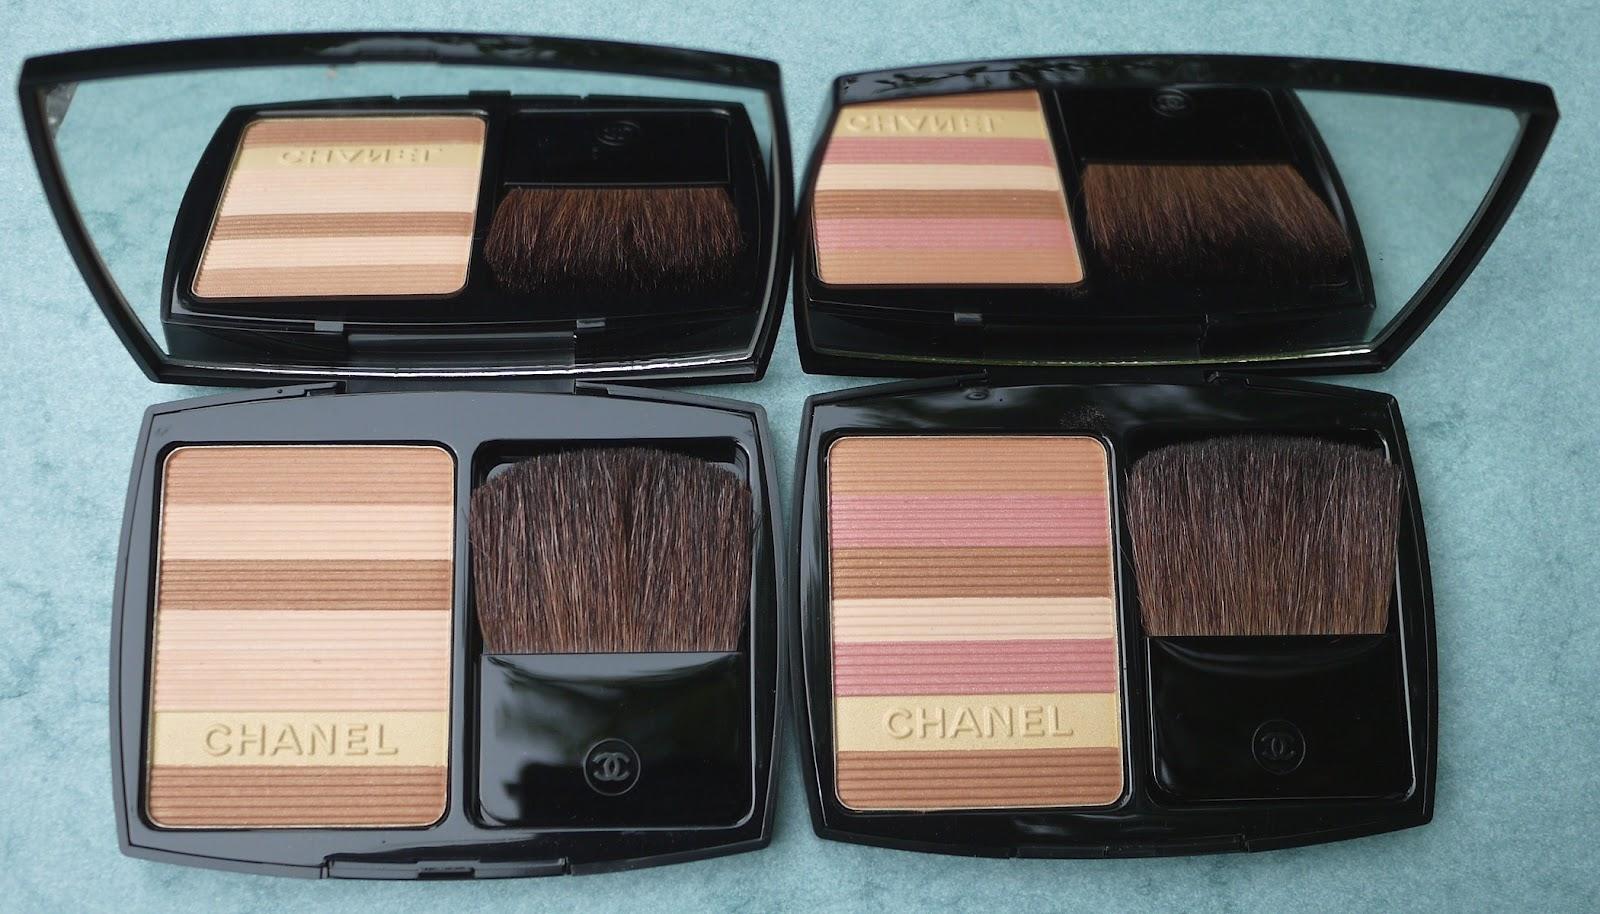 bf447c73 Best Things in Beauty: Chanel Soleil Tan de Chanel Luminous Bronzing ...